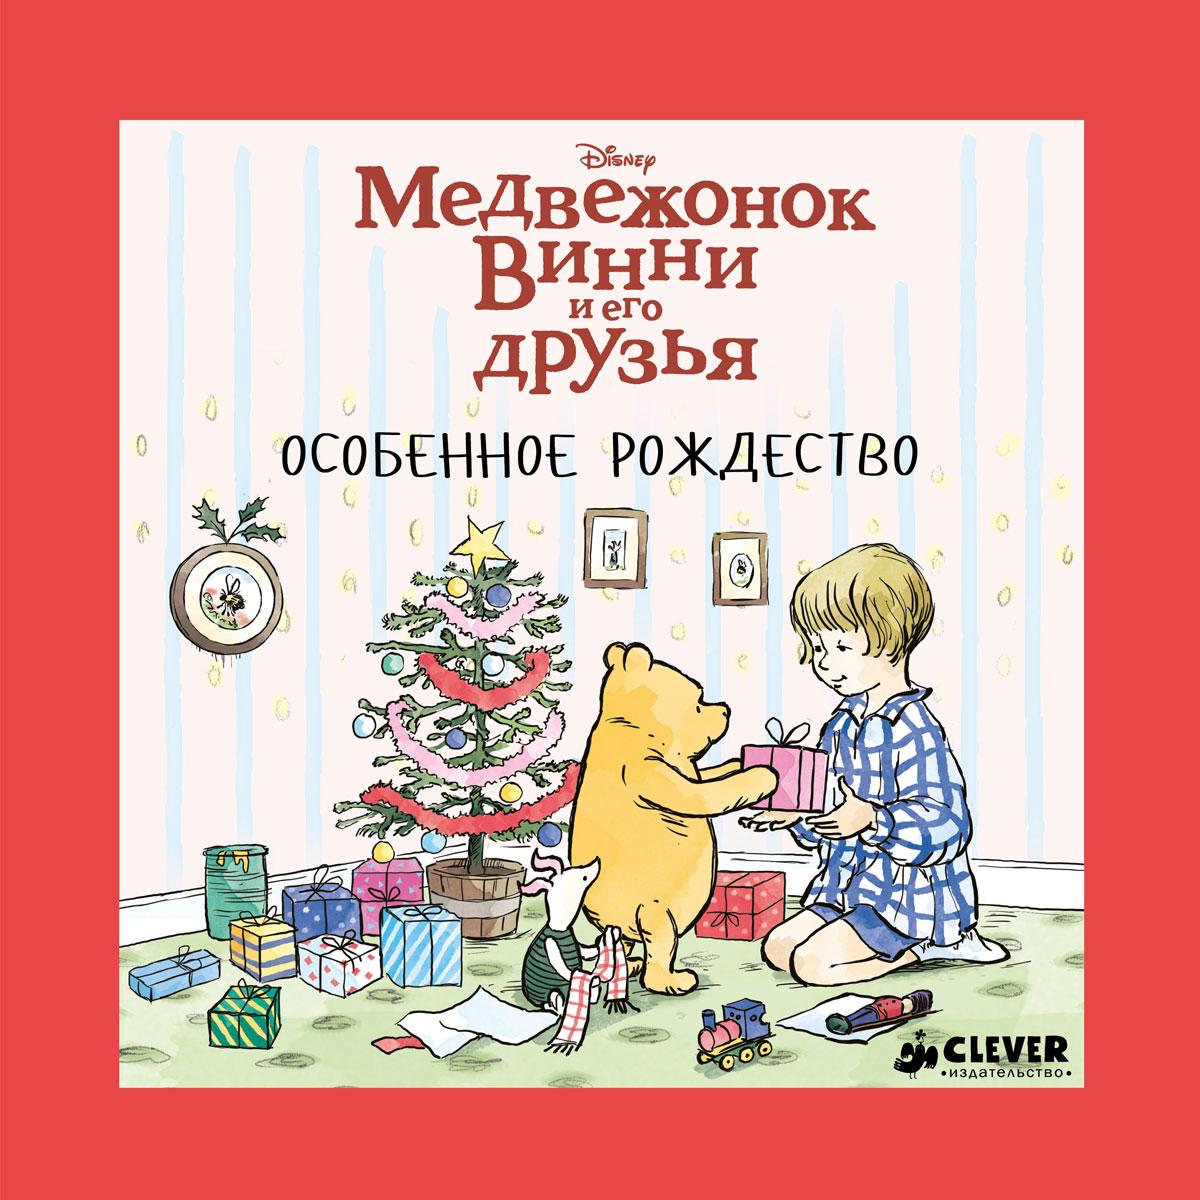 Медвежонок Винни и его друзья. Особенное Рождество книги издательство clever медвежонок винни и его друзья особенное рождество